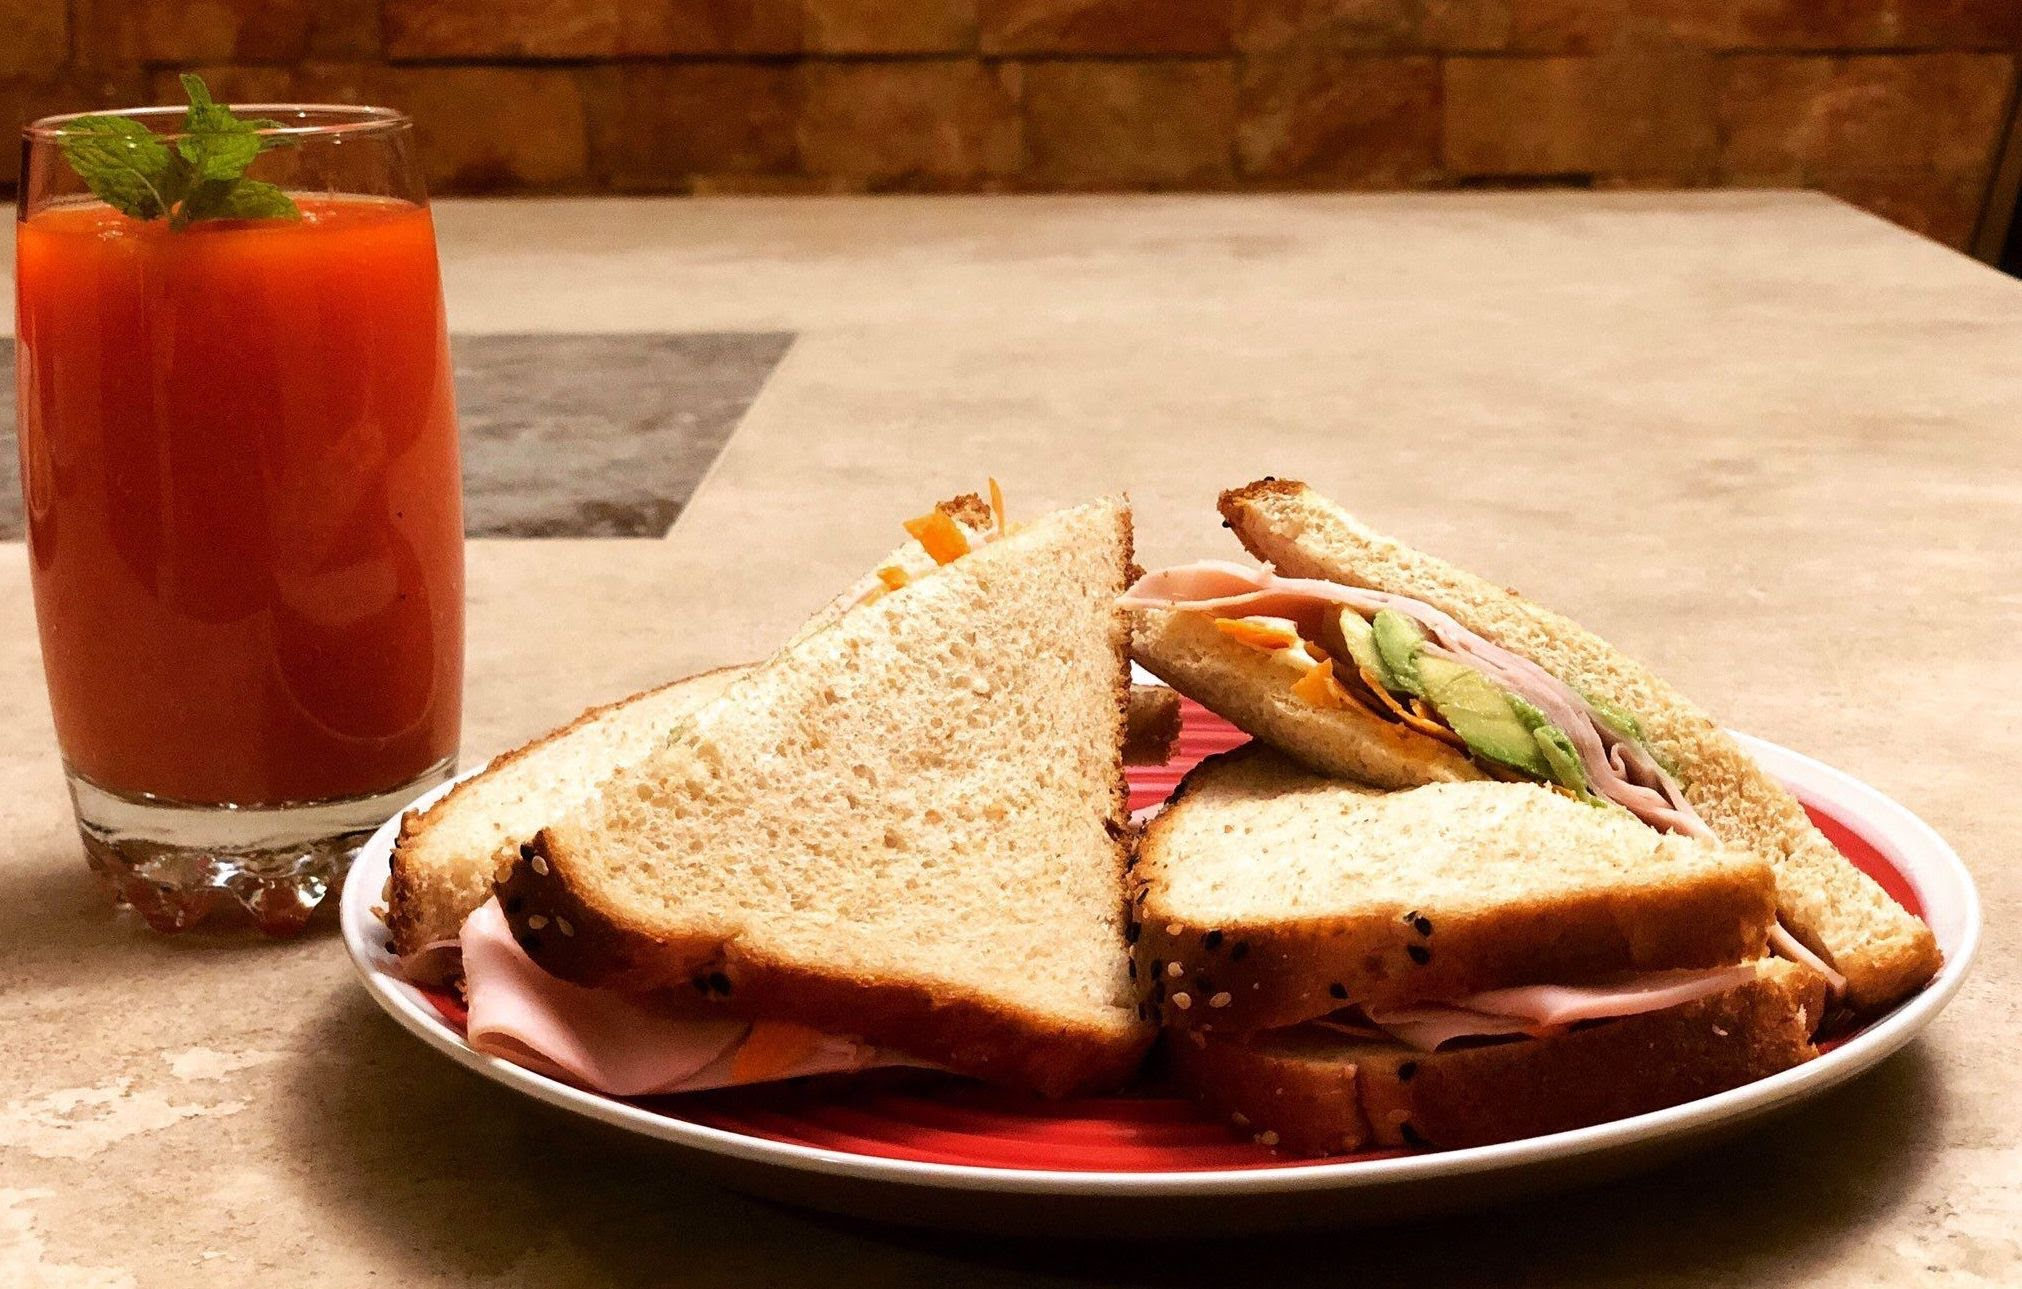 Sándwich de pavo y queso con jugo de papaya